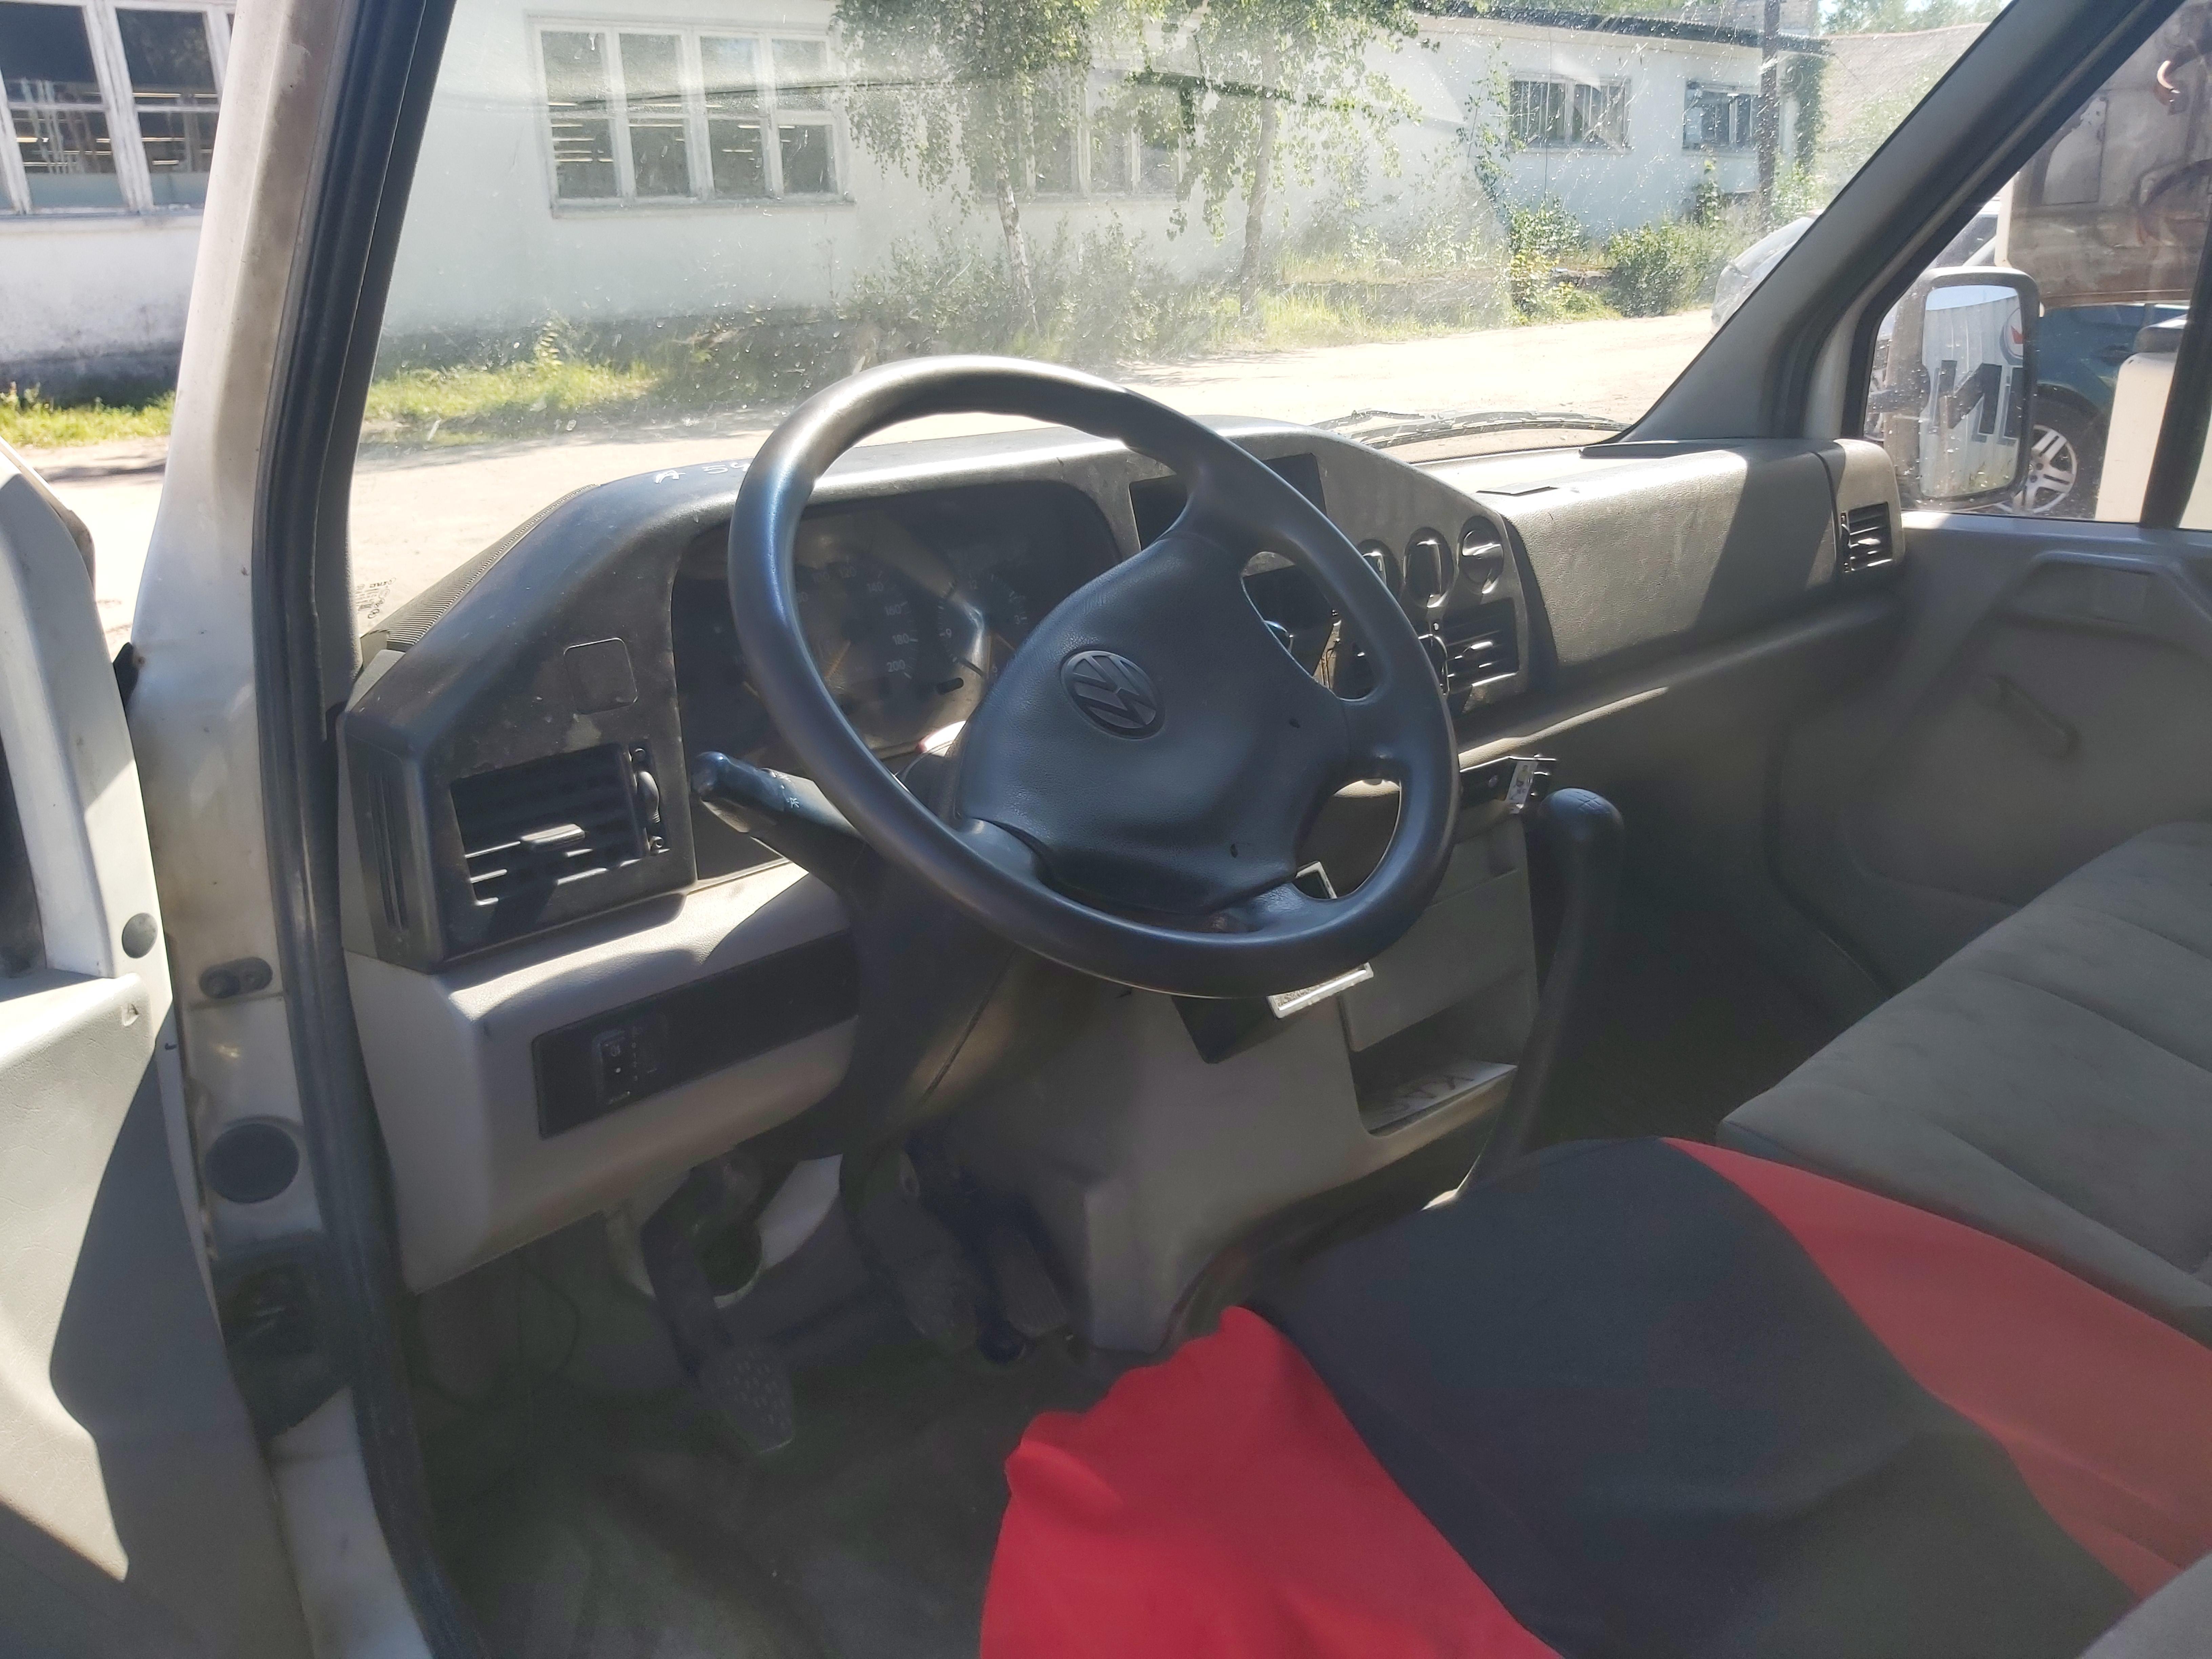 Подержанные Автозапчасти Volkswagen LT 2002 2.5 машиностроение микроавтобус 2/3 d. белый 2020-8-06